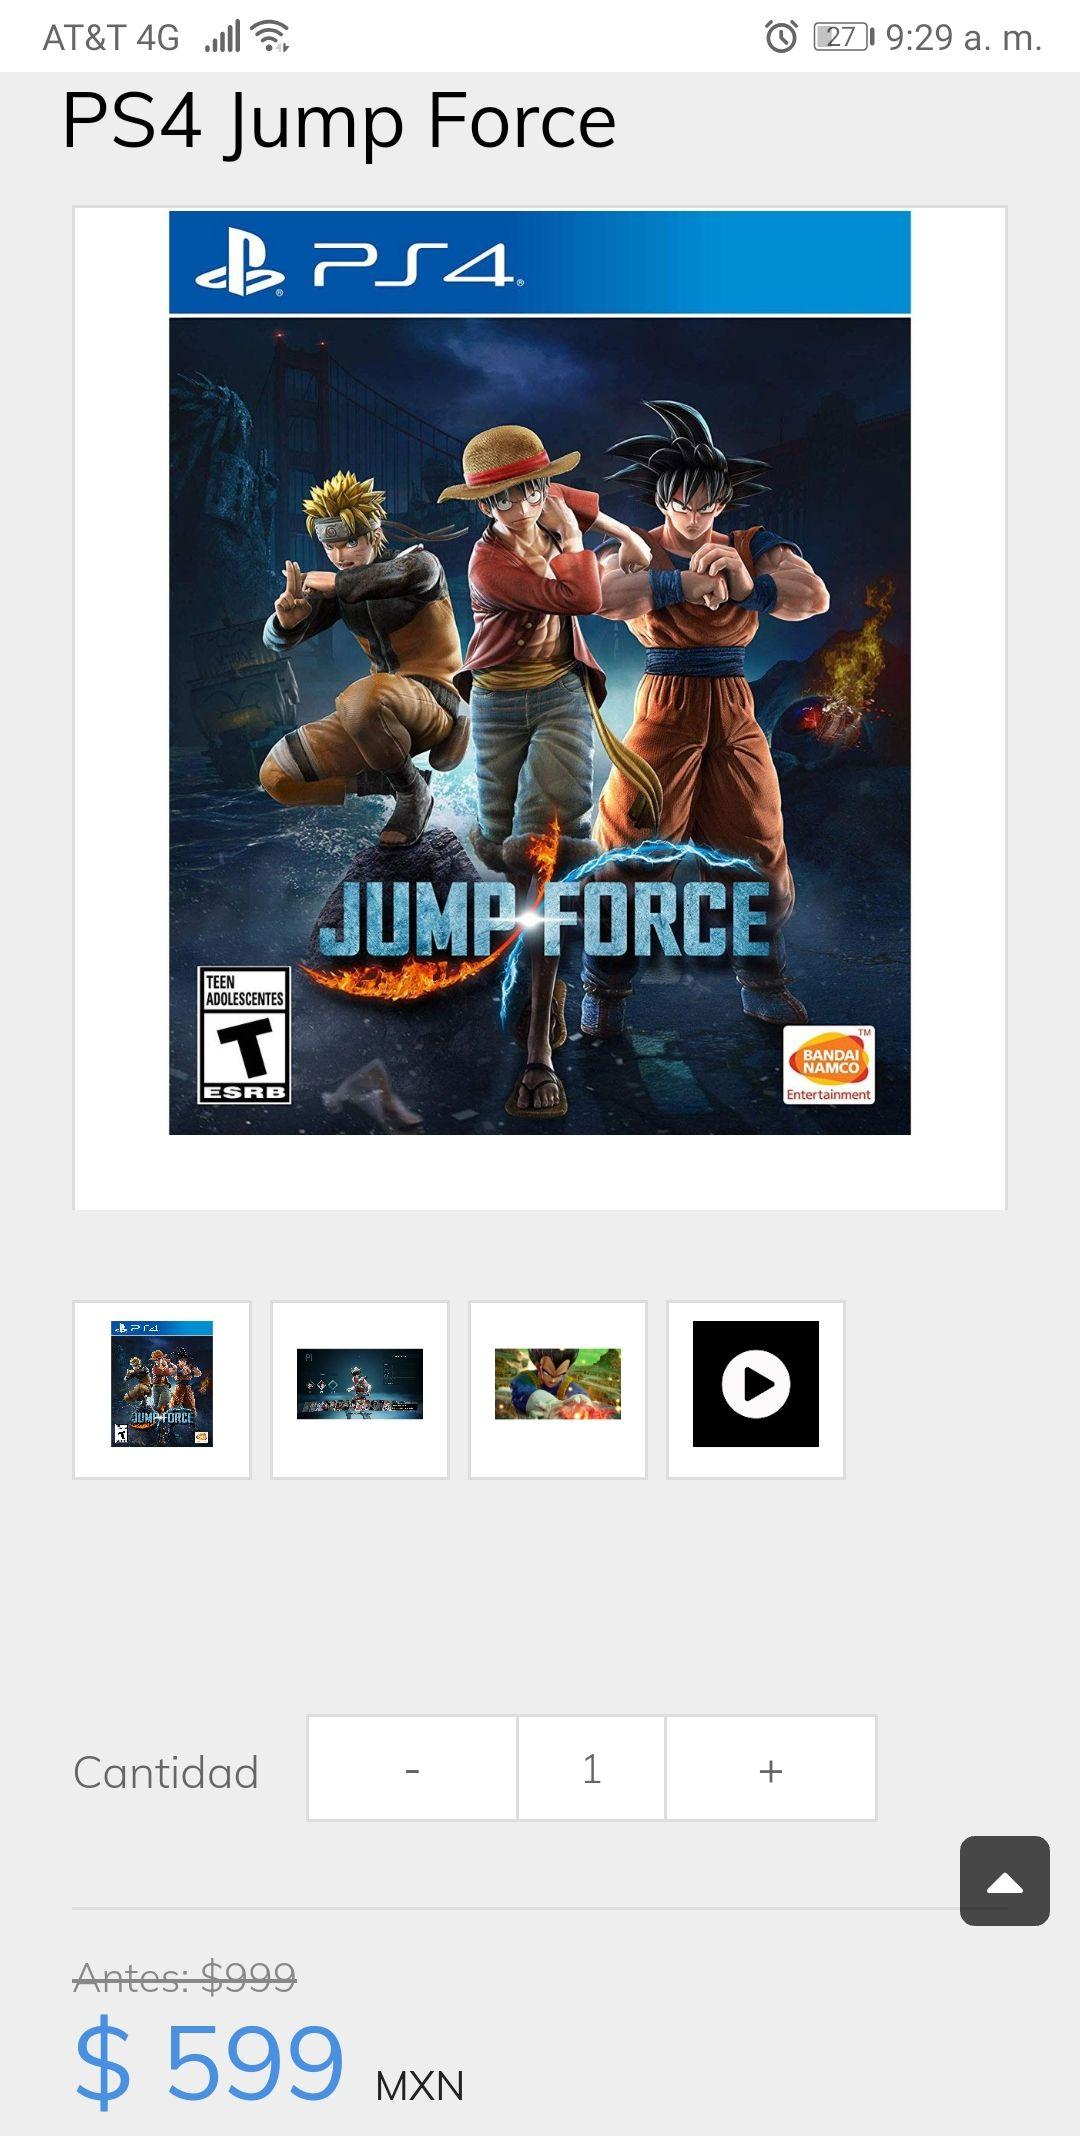 Sanborns online: Jump Force descuento de $400